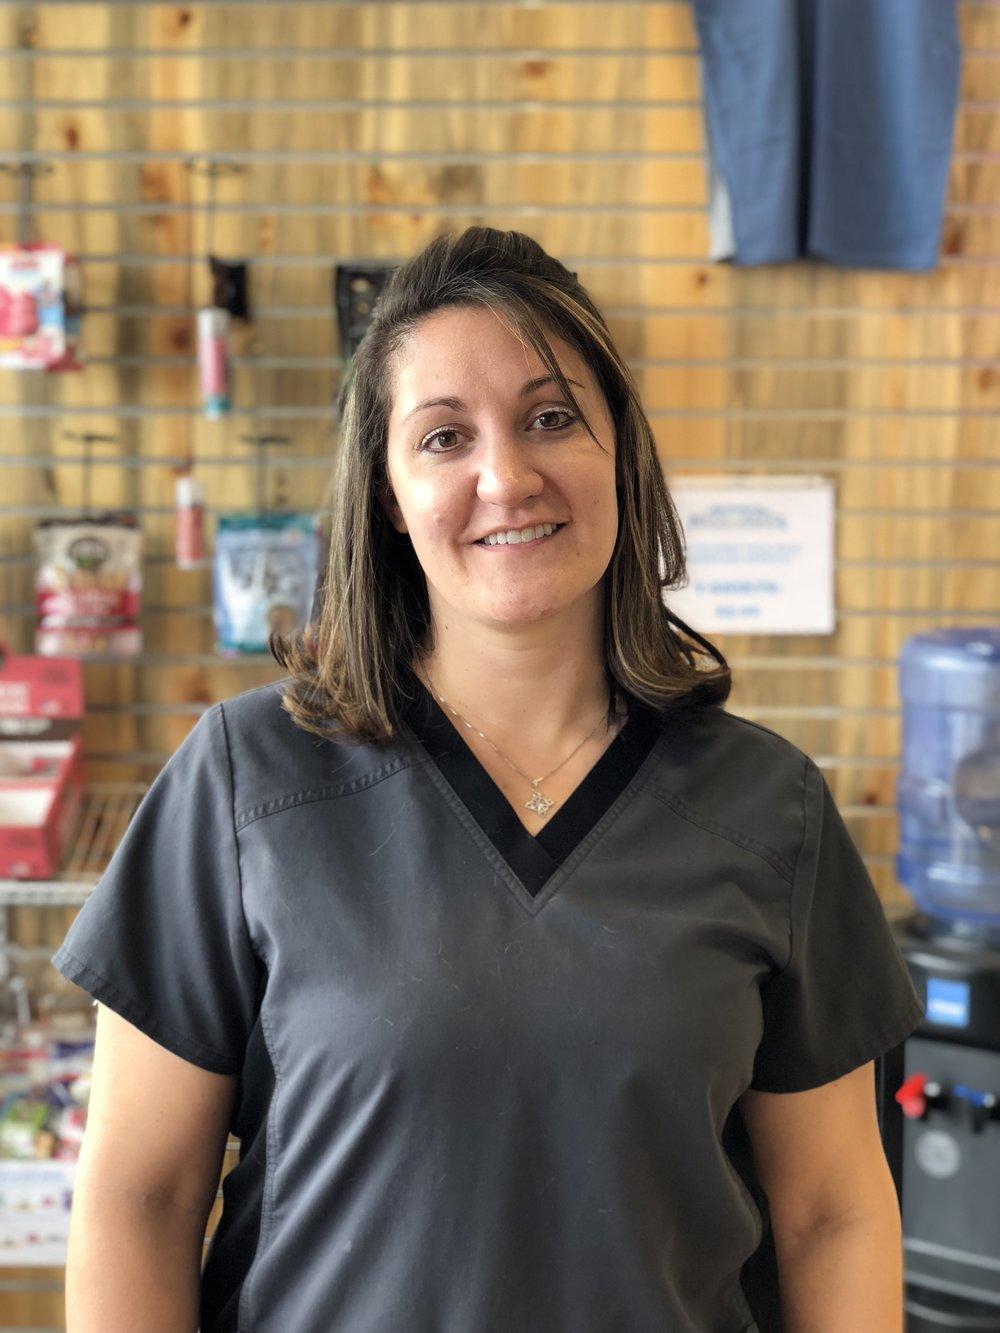 Rachel Demmer - Hospital Manager